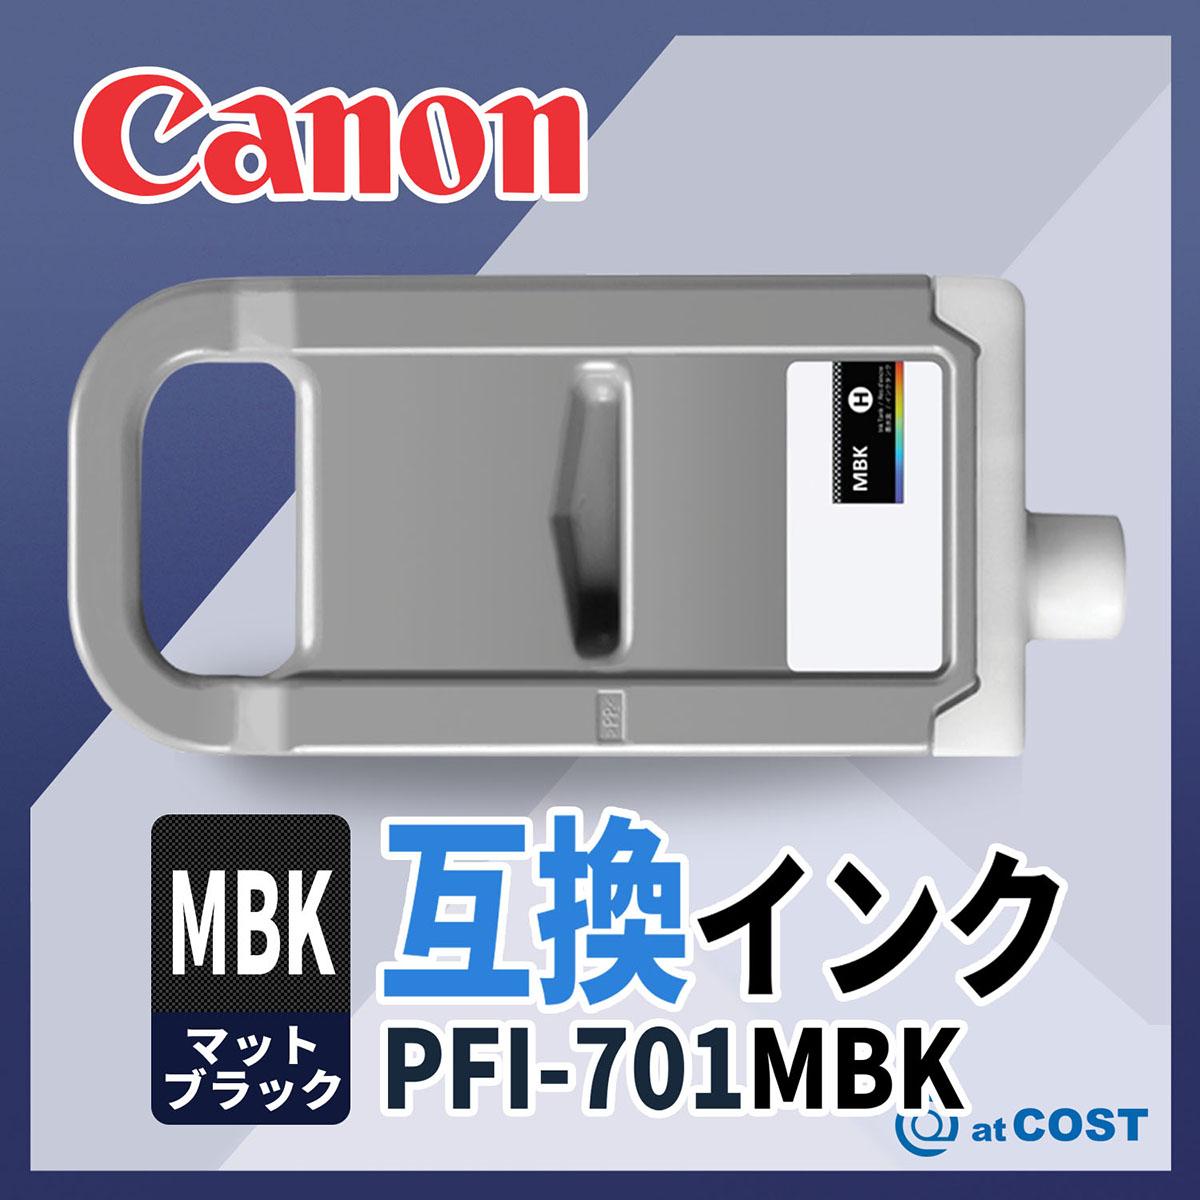 キャノン / CANON / PFI-701MBK / マットブラック / 700ml / 互換インク / インクタンク / インクカートリッジ / 低価格